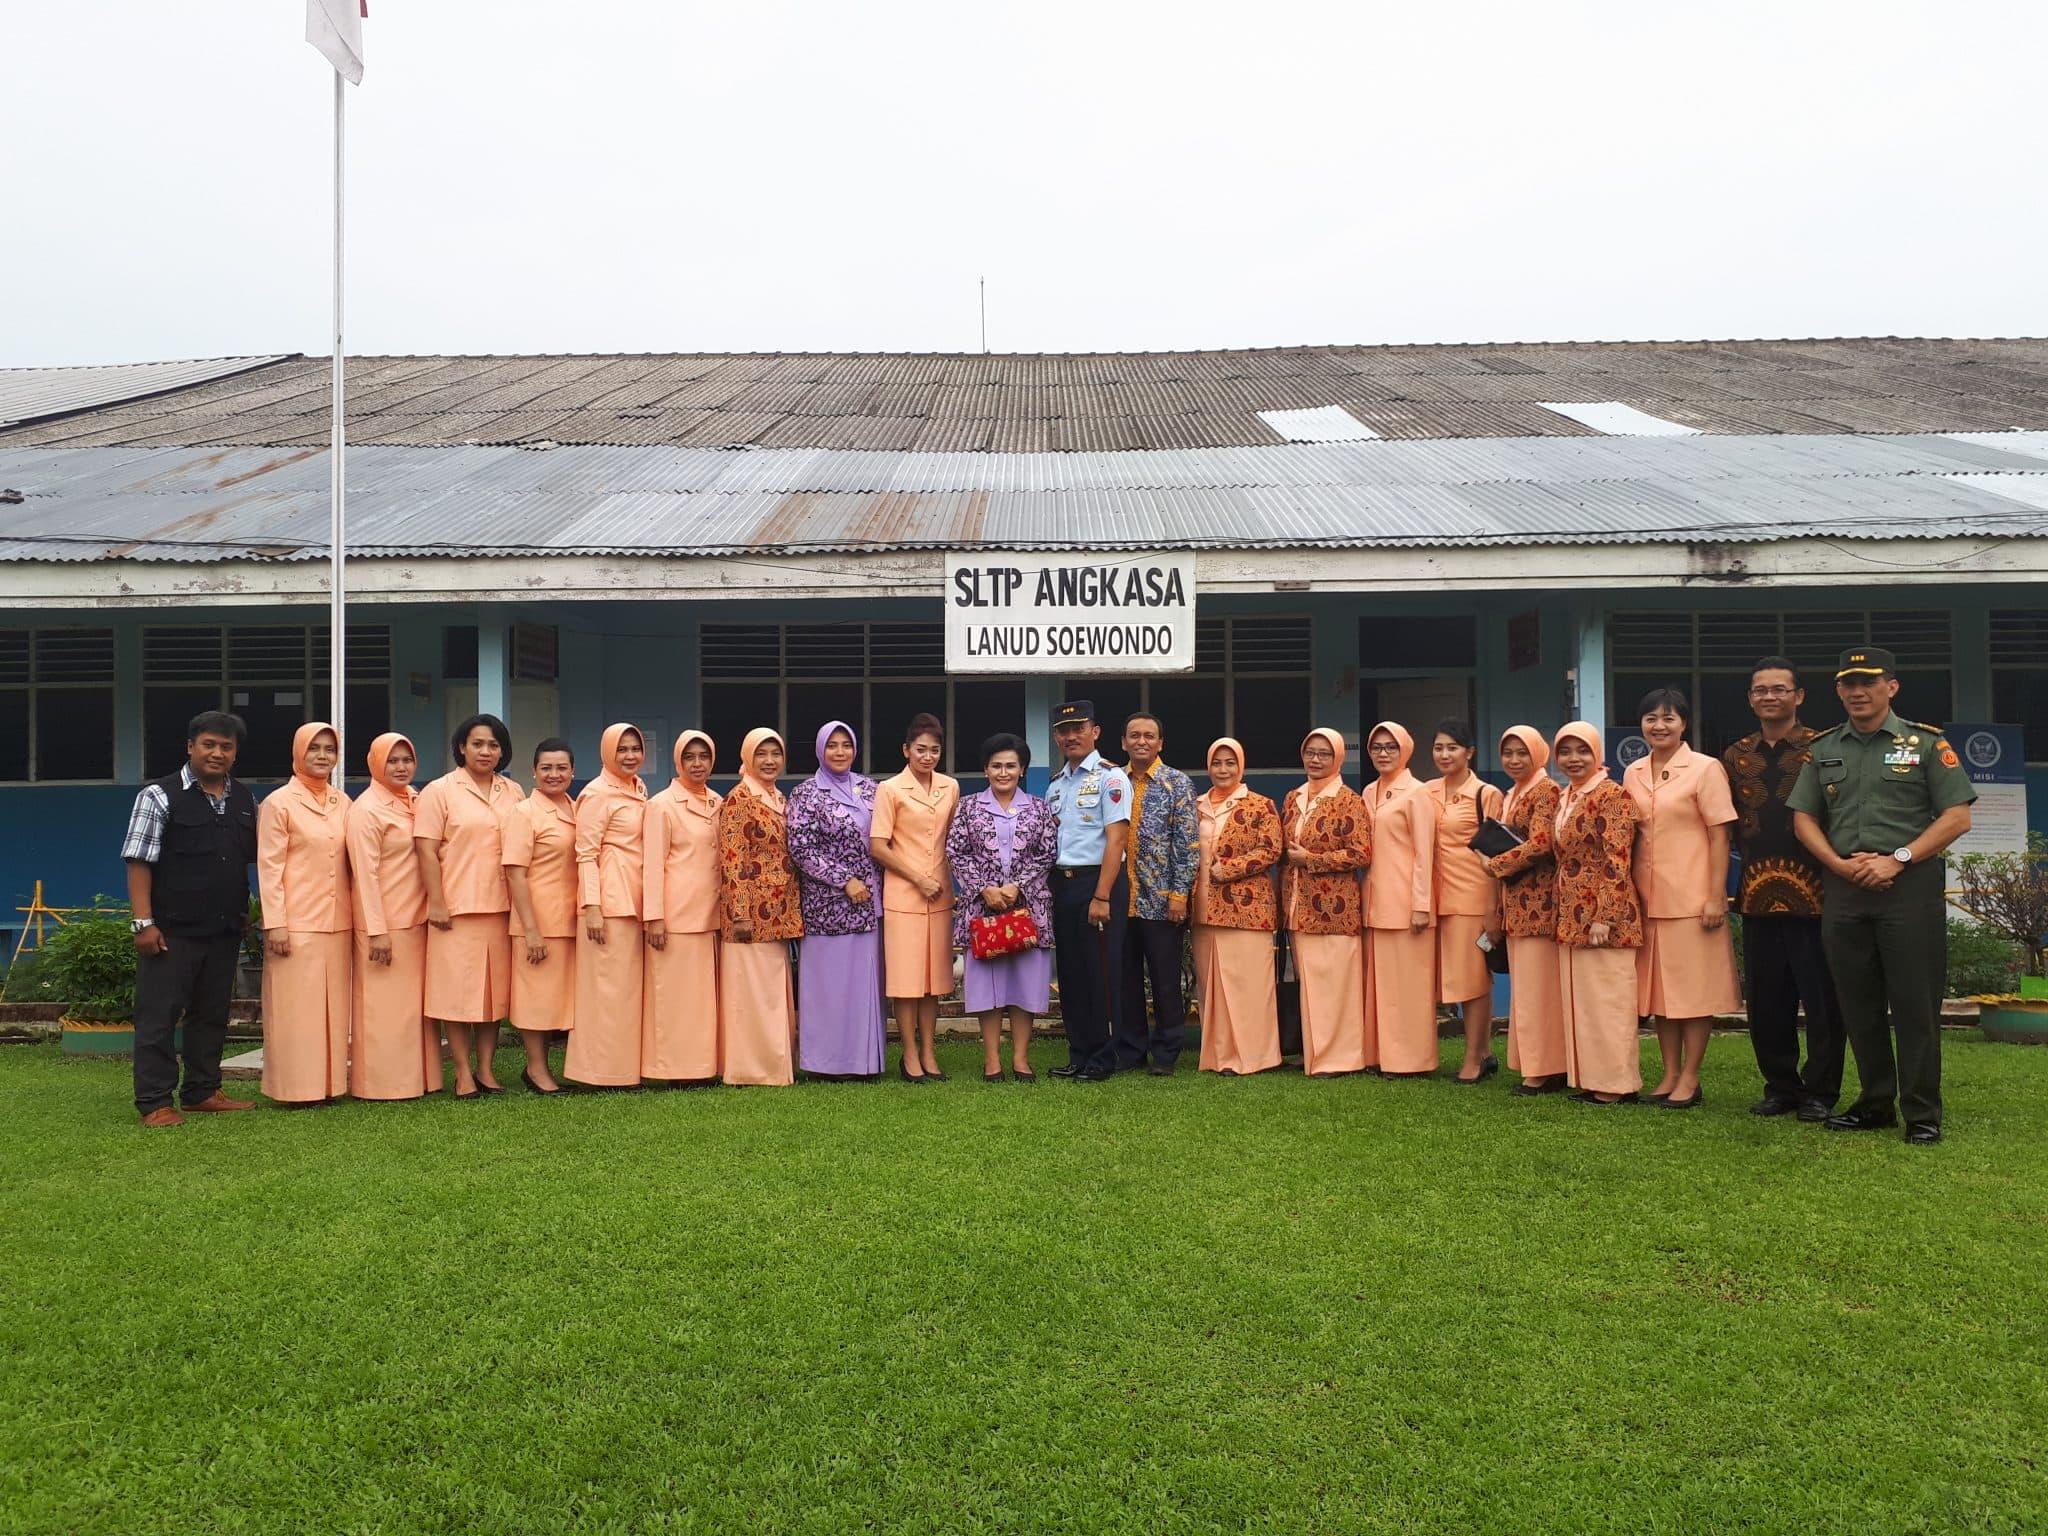 Visitasi Dan Penguatan Sekolah Angkasa di Yasarini Cabang Lanud Soewondo